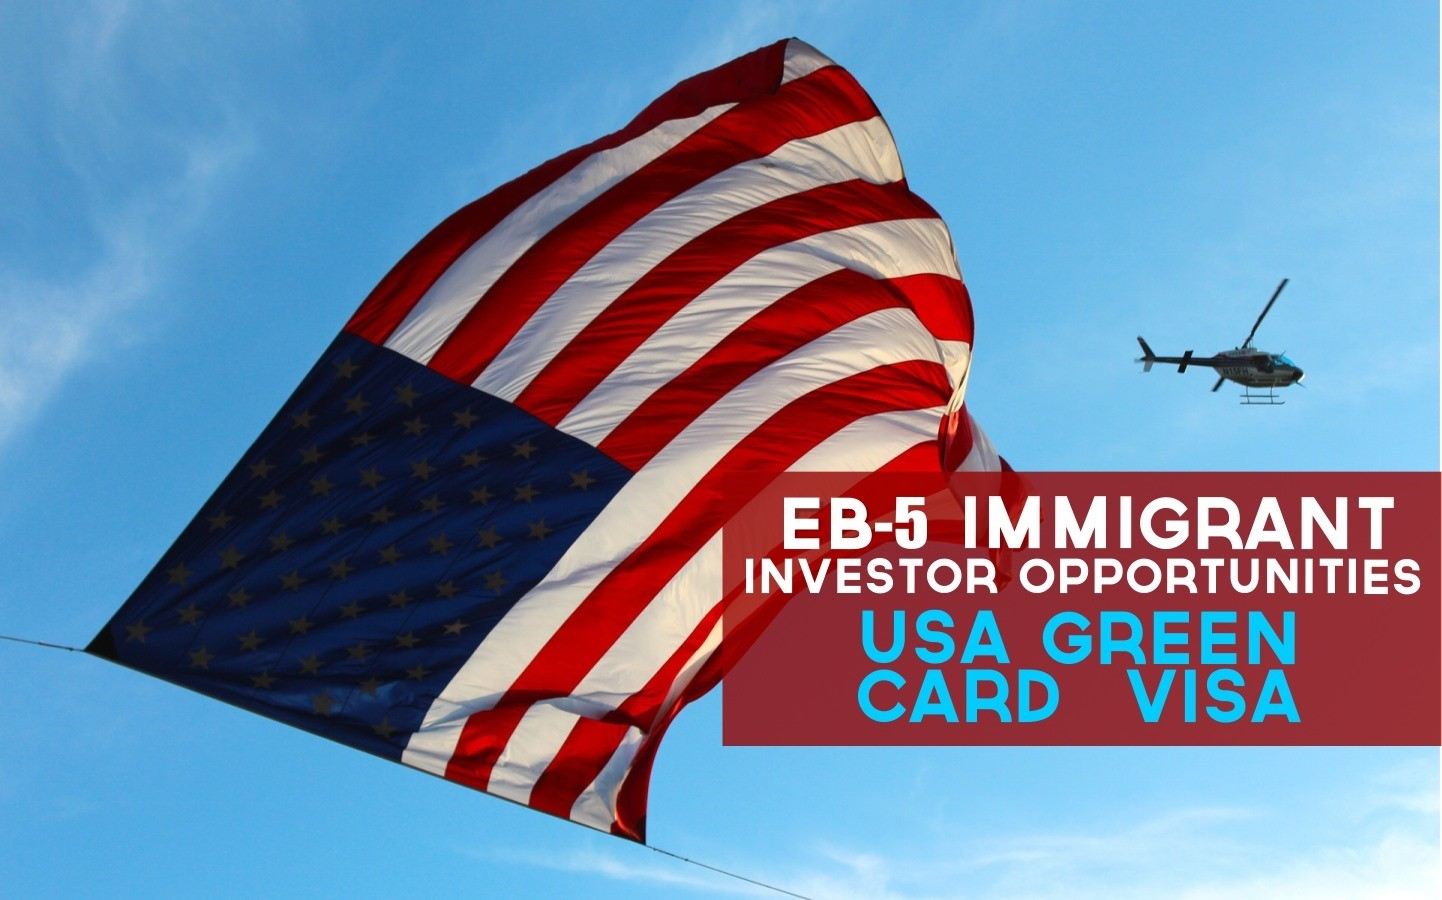 EB5 là chương trình đàu tư định cư Mỹ an toàn, nhanh chóng nhất